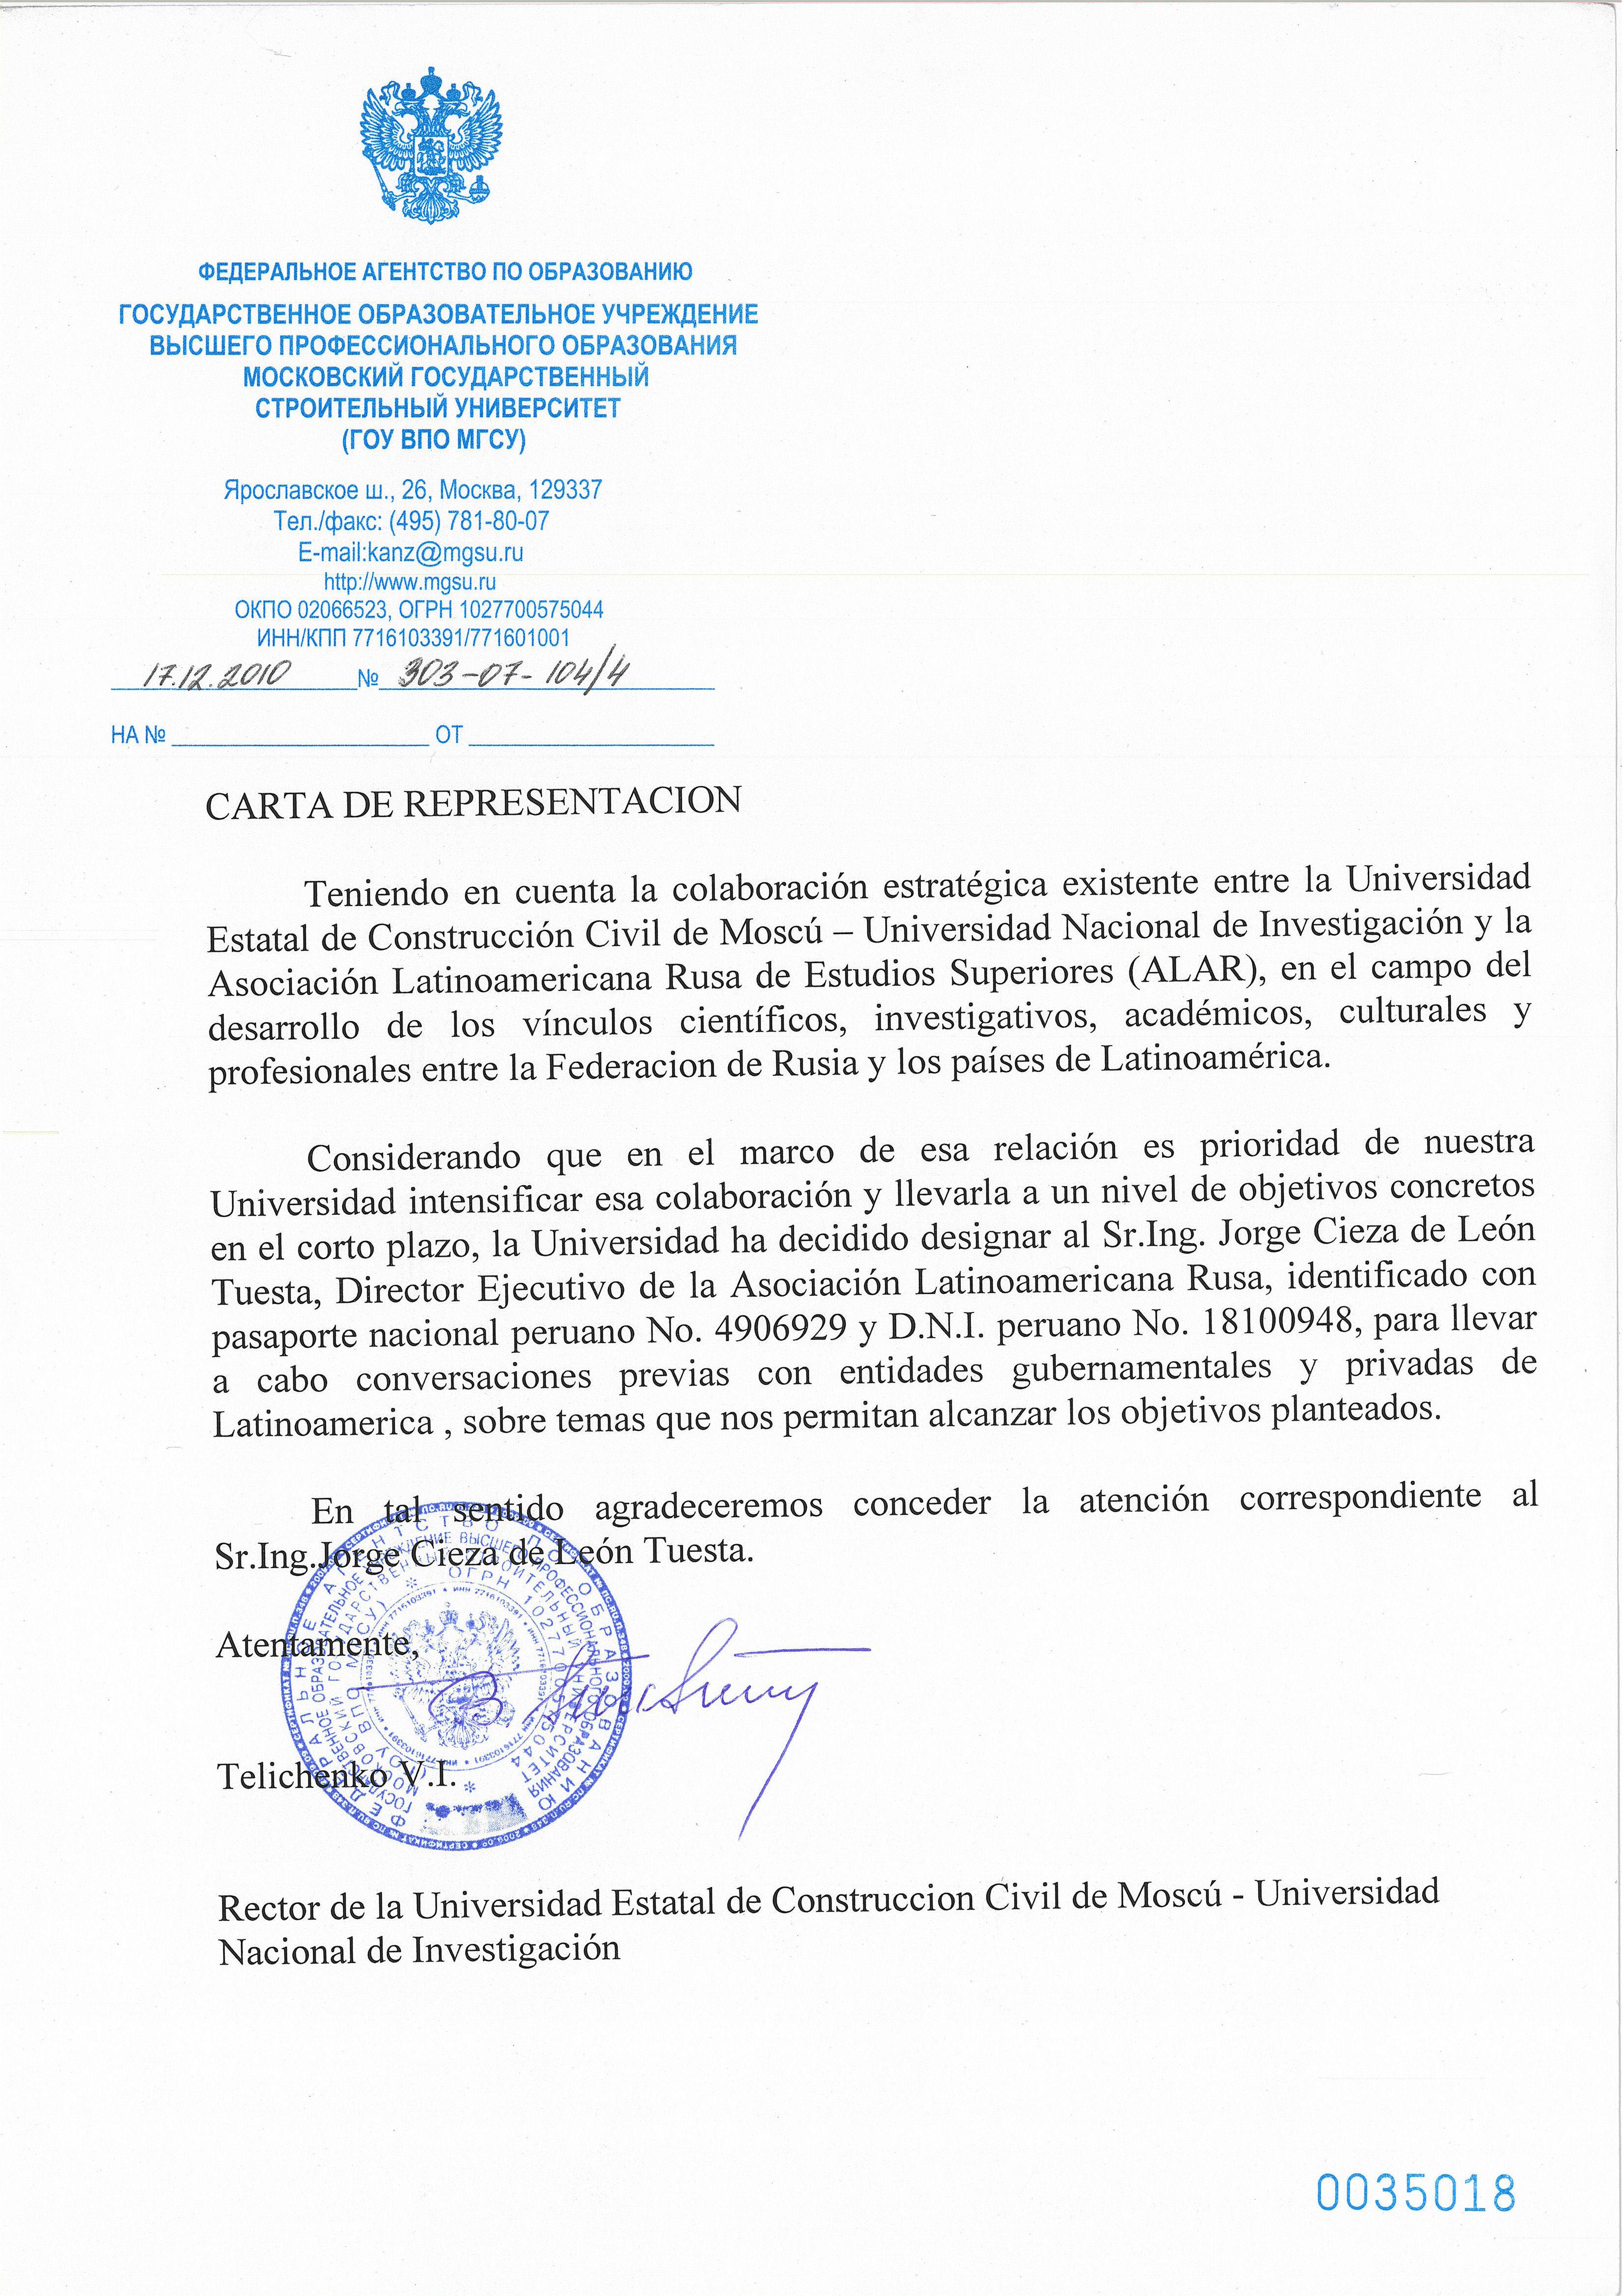 Convênio com a Universidade Estatal de Construção de Moscou